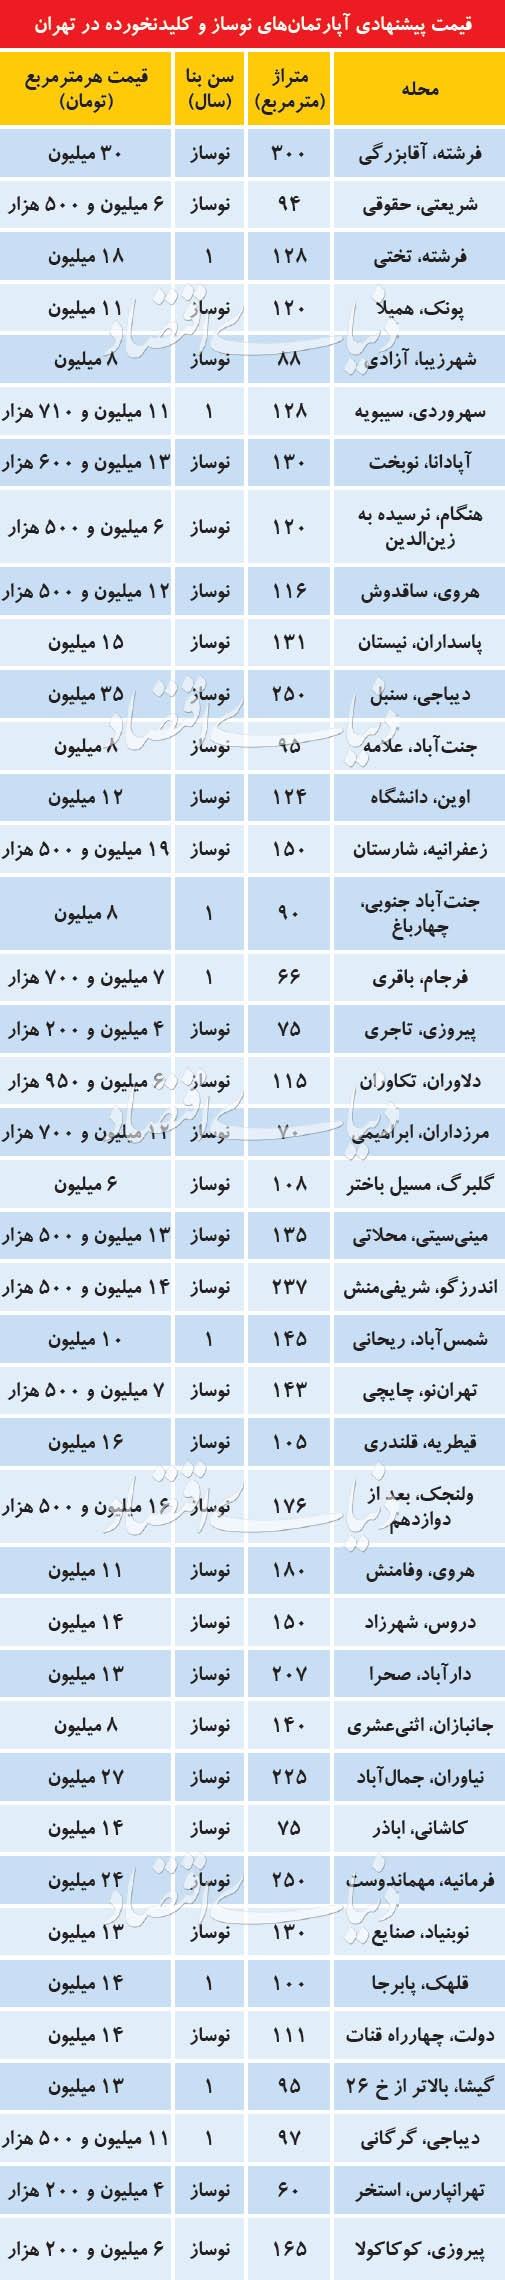 قیمت آپارتمانهای کلیدنخورده در تهران/فرشته و دیباجی بالای30میلیون؛پیروزی 4میلیون و 200